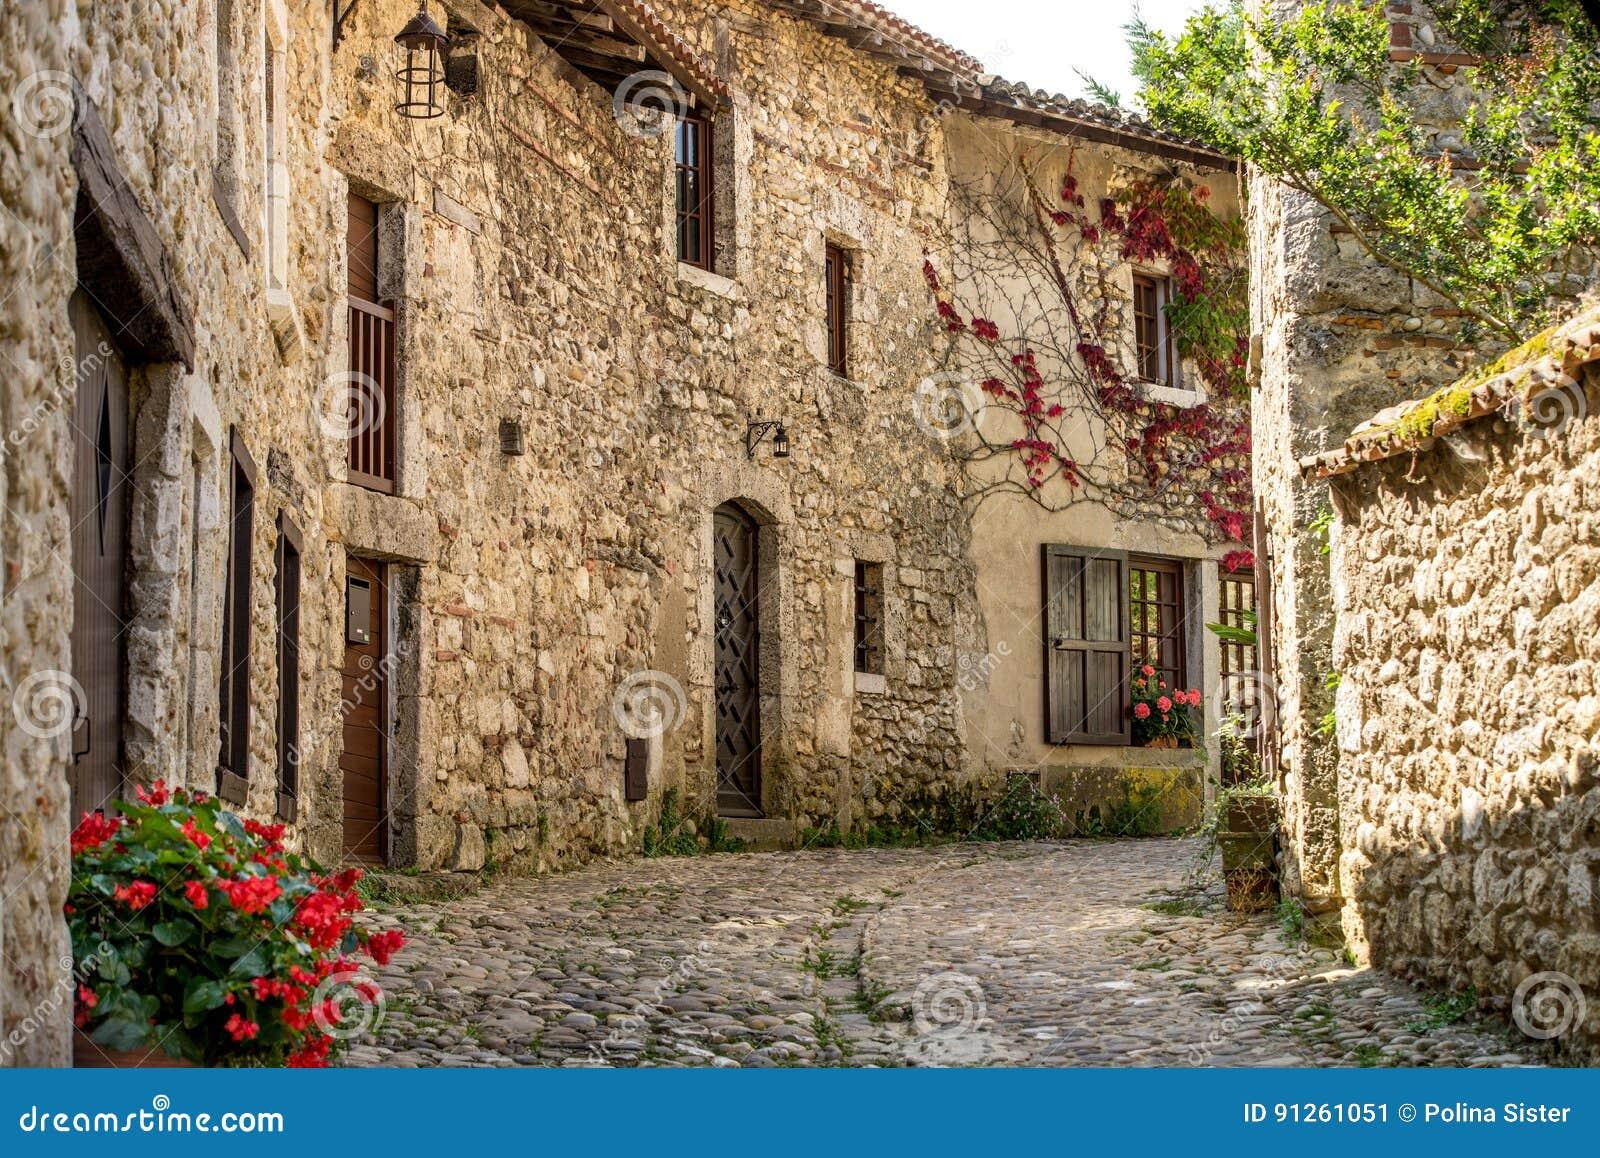 Case In Pietra Antiche : Case francesi di pietra tradizionali antiche spettacolari in